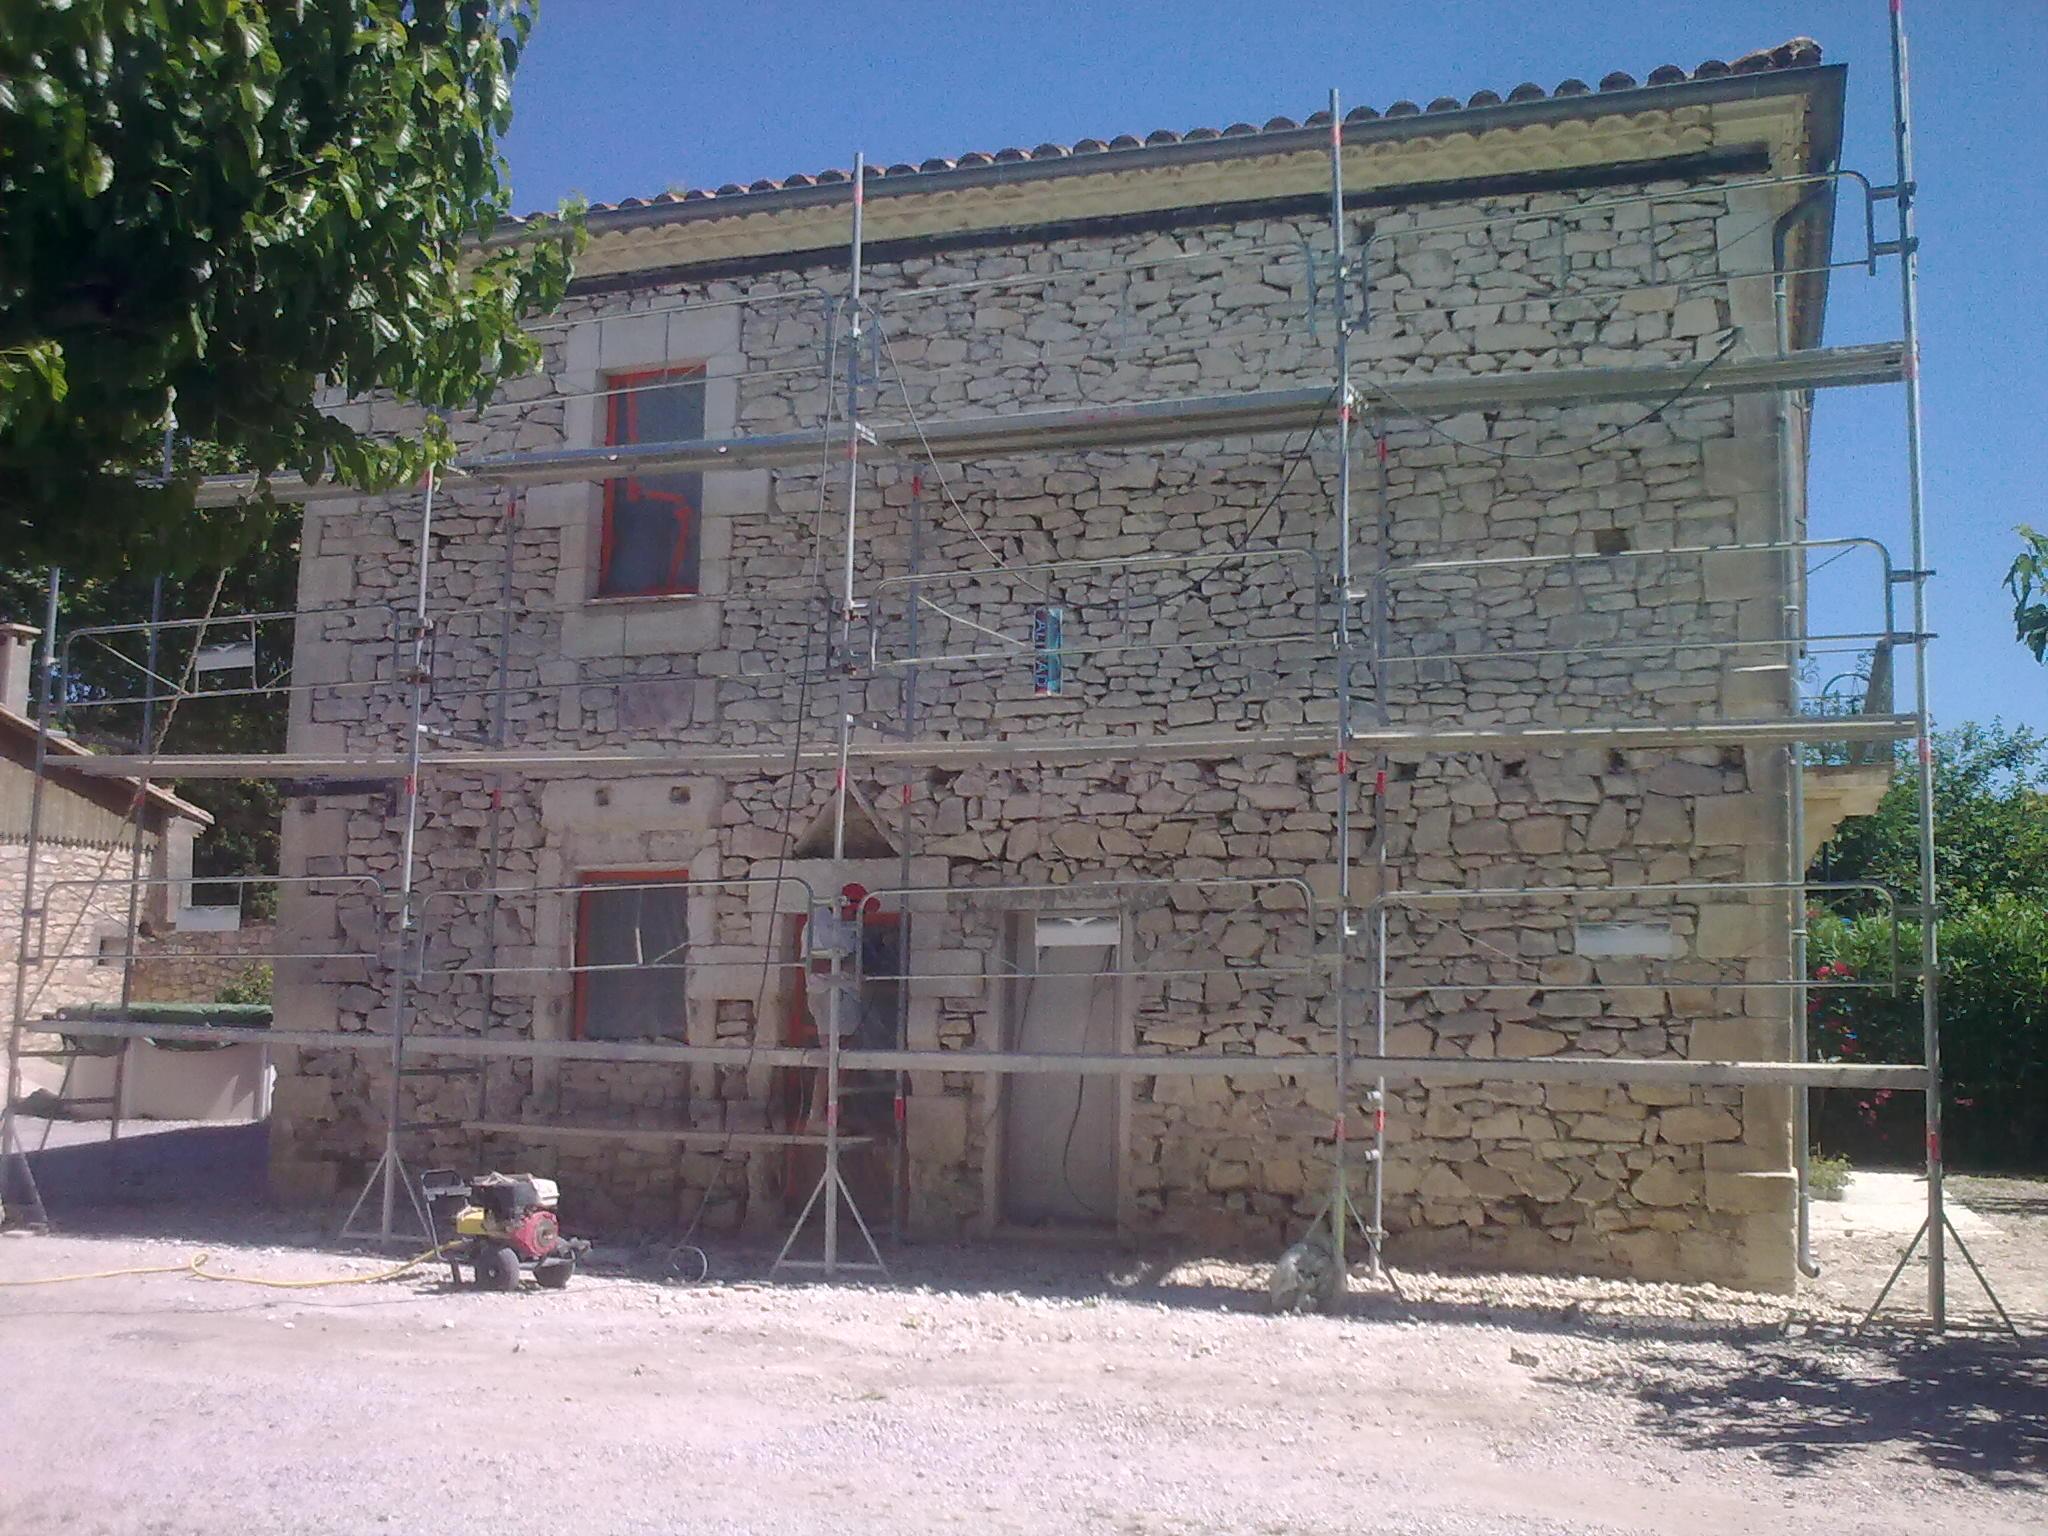 Restauration de la façade d'un mas dans l'Hérault, décroutage des pierres depuis échafaudage.